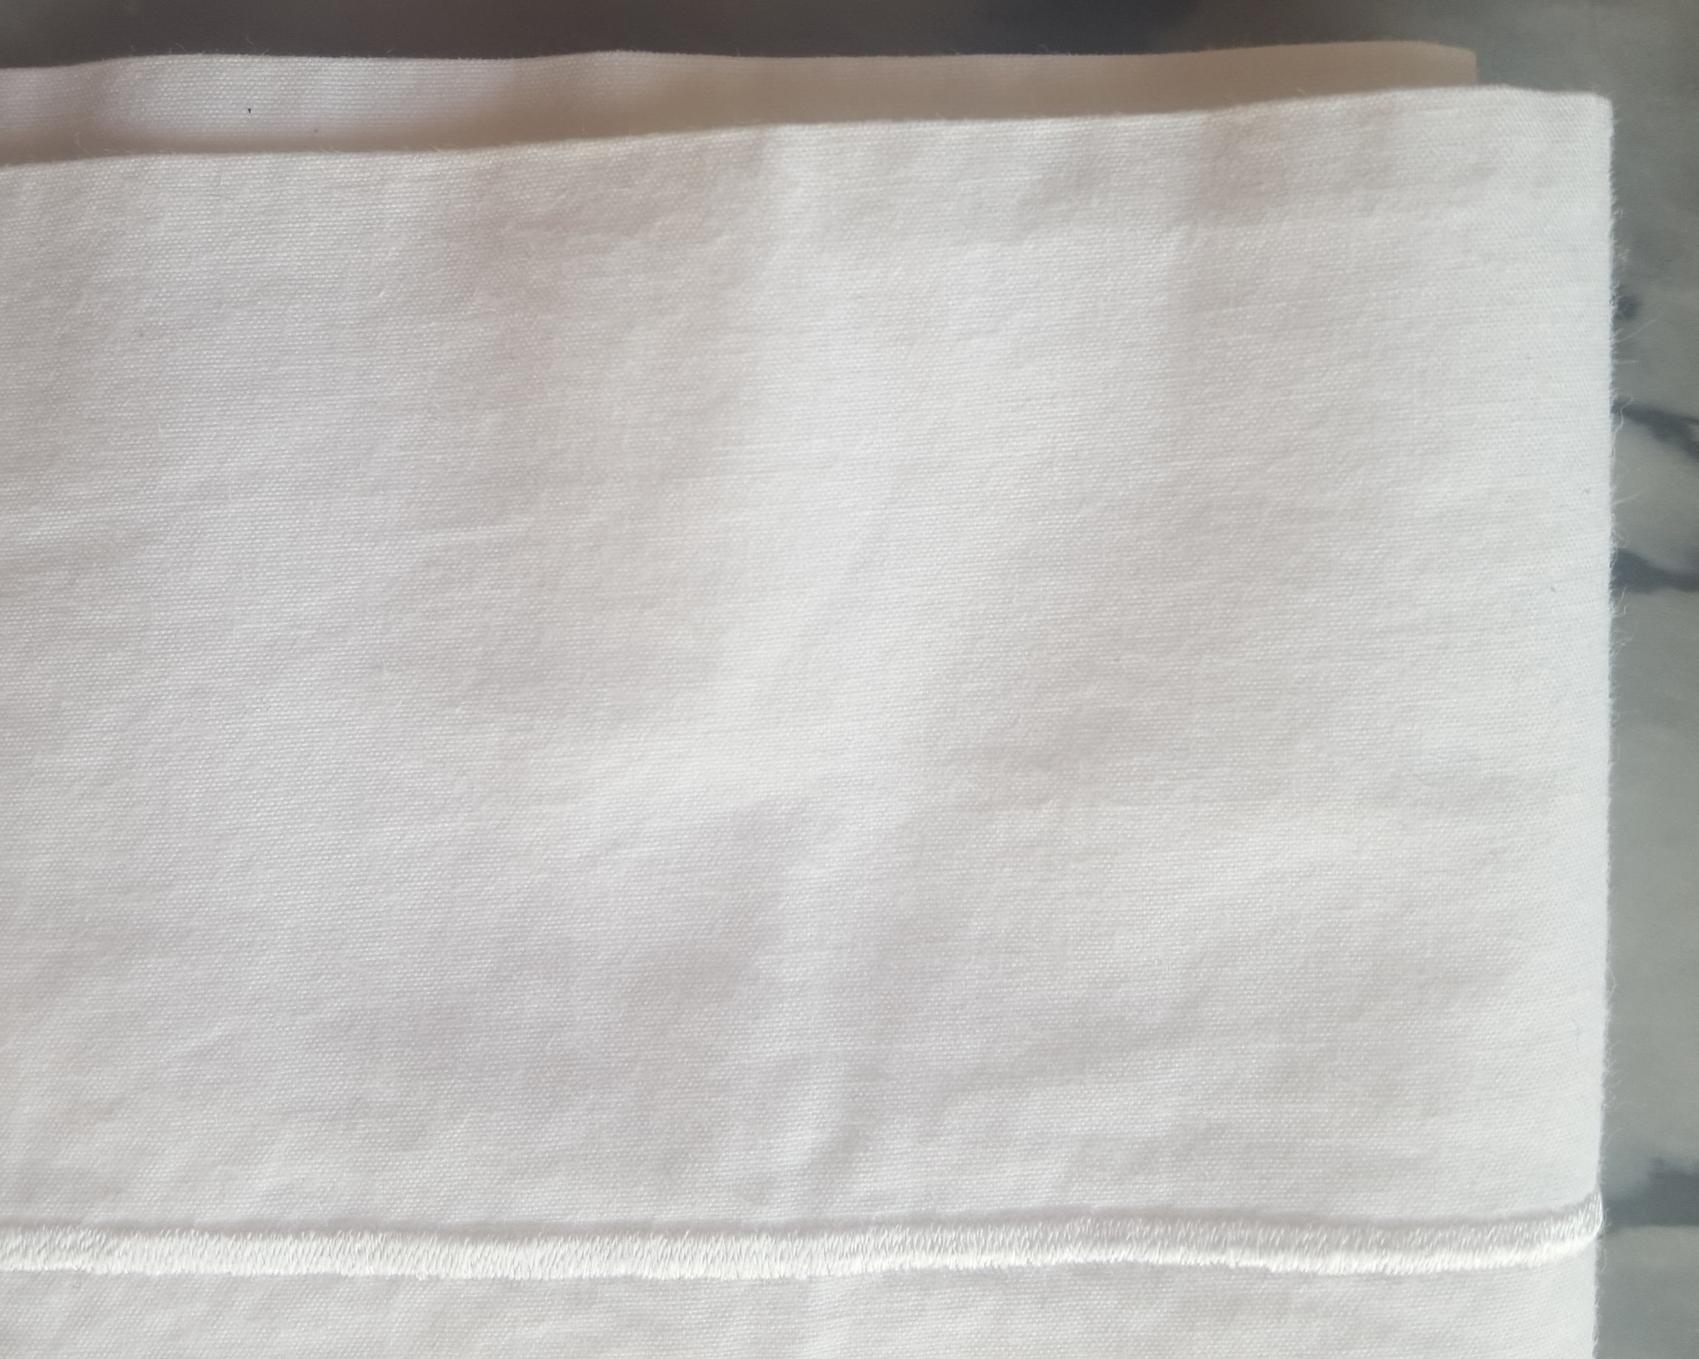 100% Cotton Percale Pillowcase